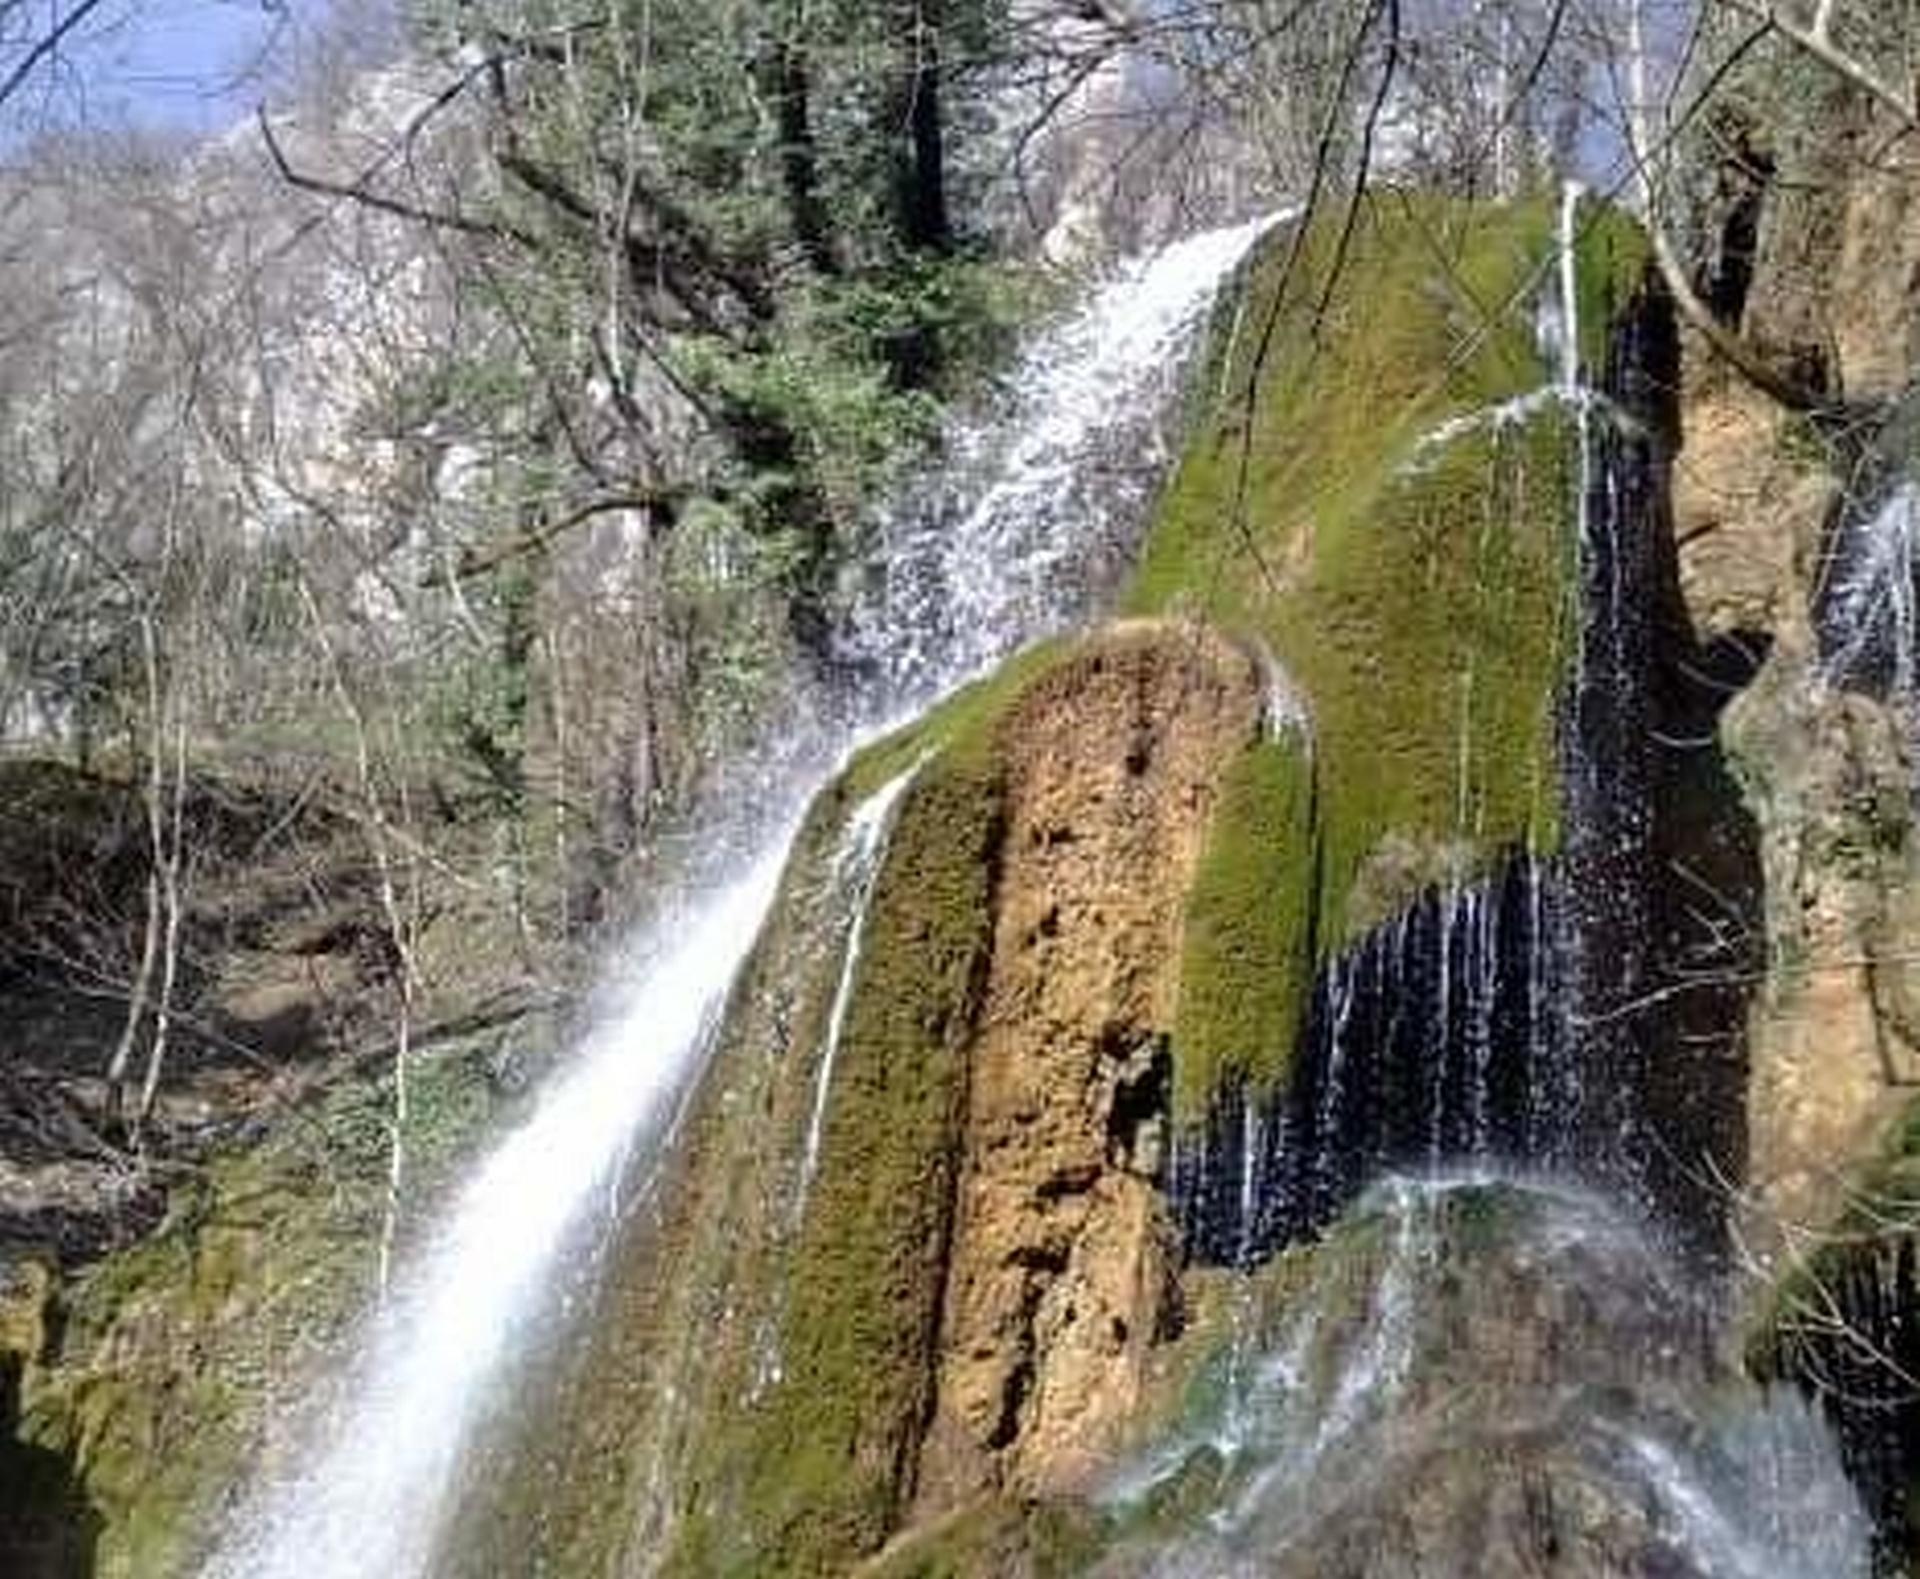 Voda izvire iz pećina iznad vodopada: Skakavac